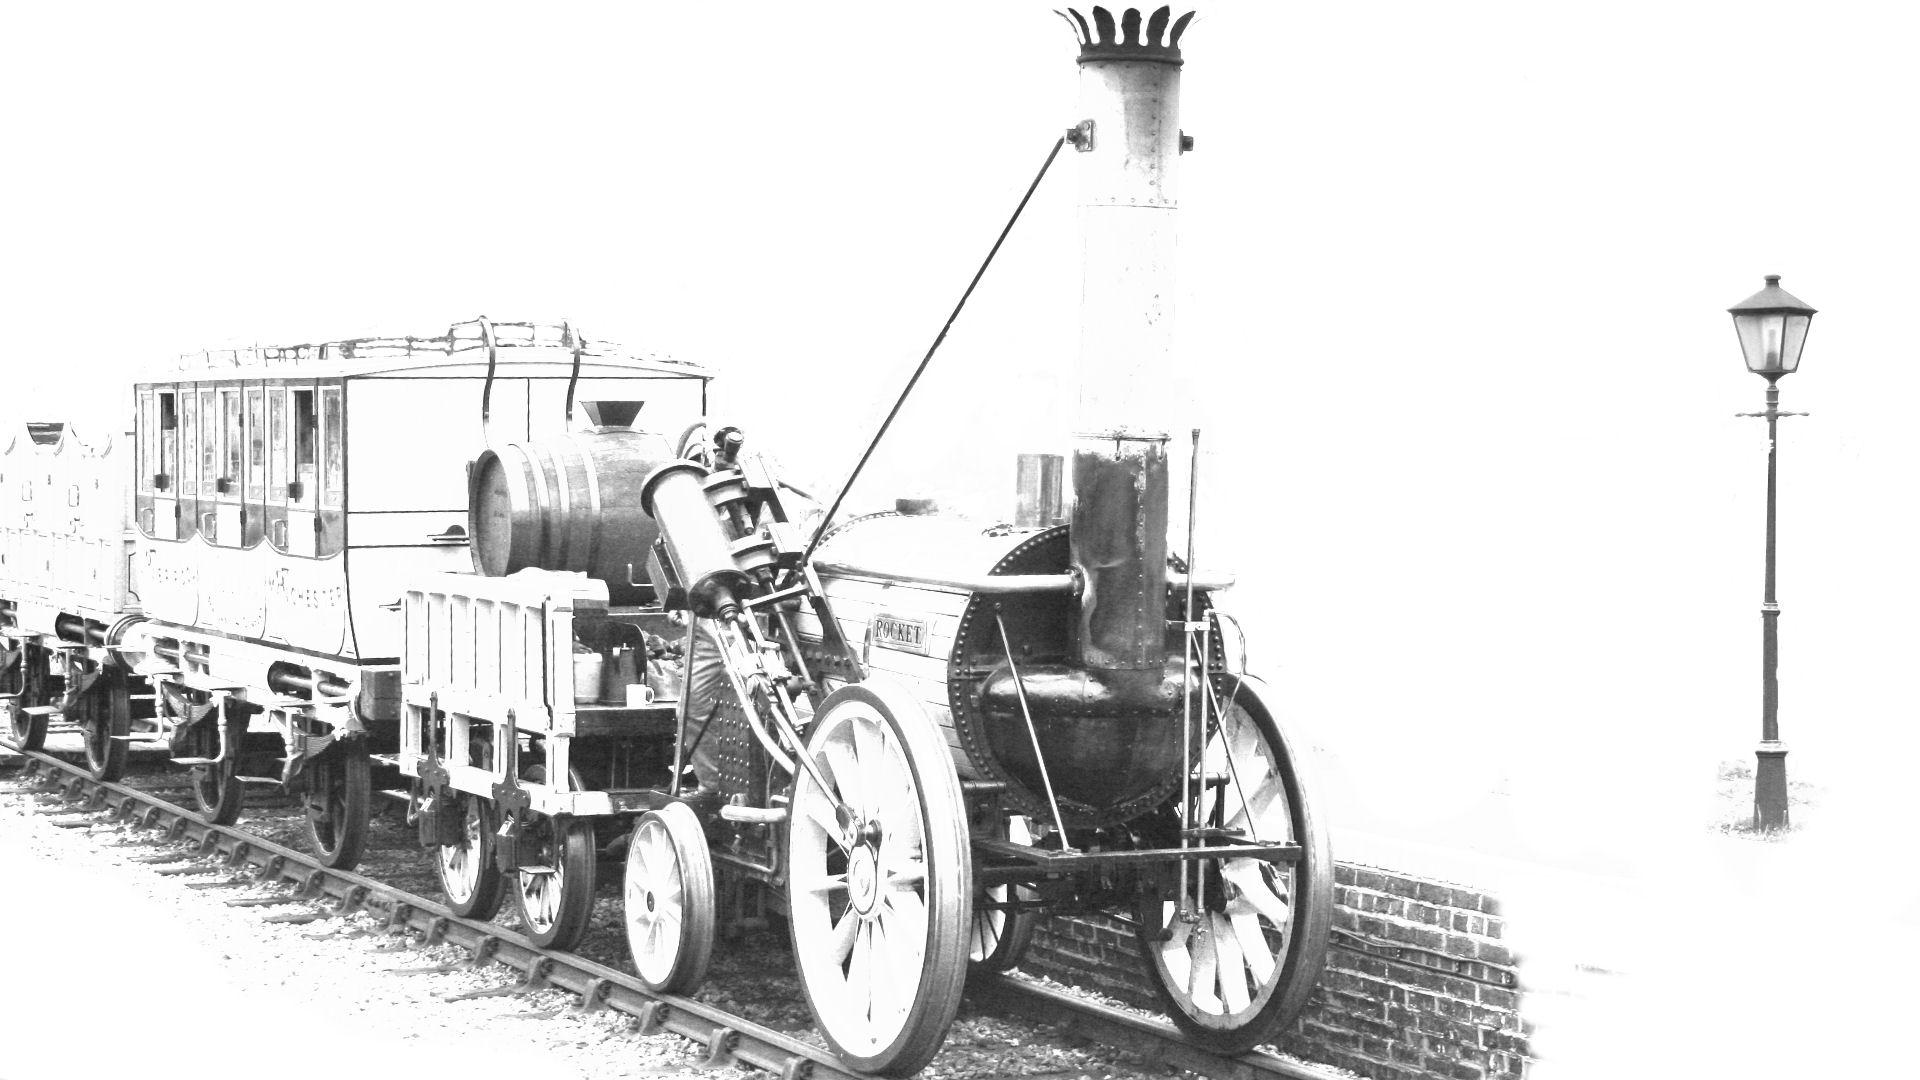 rocket engine schematics